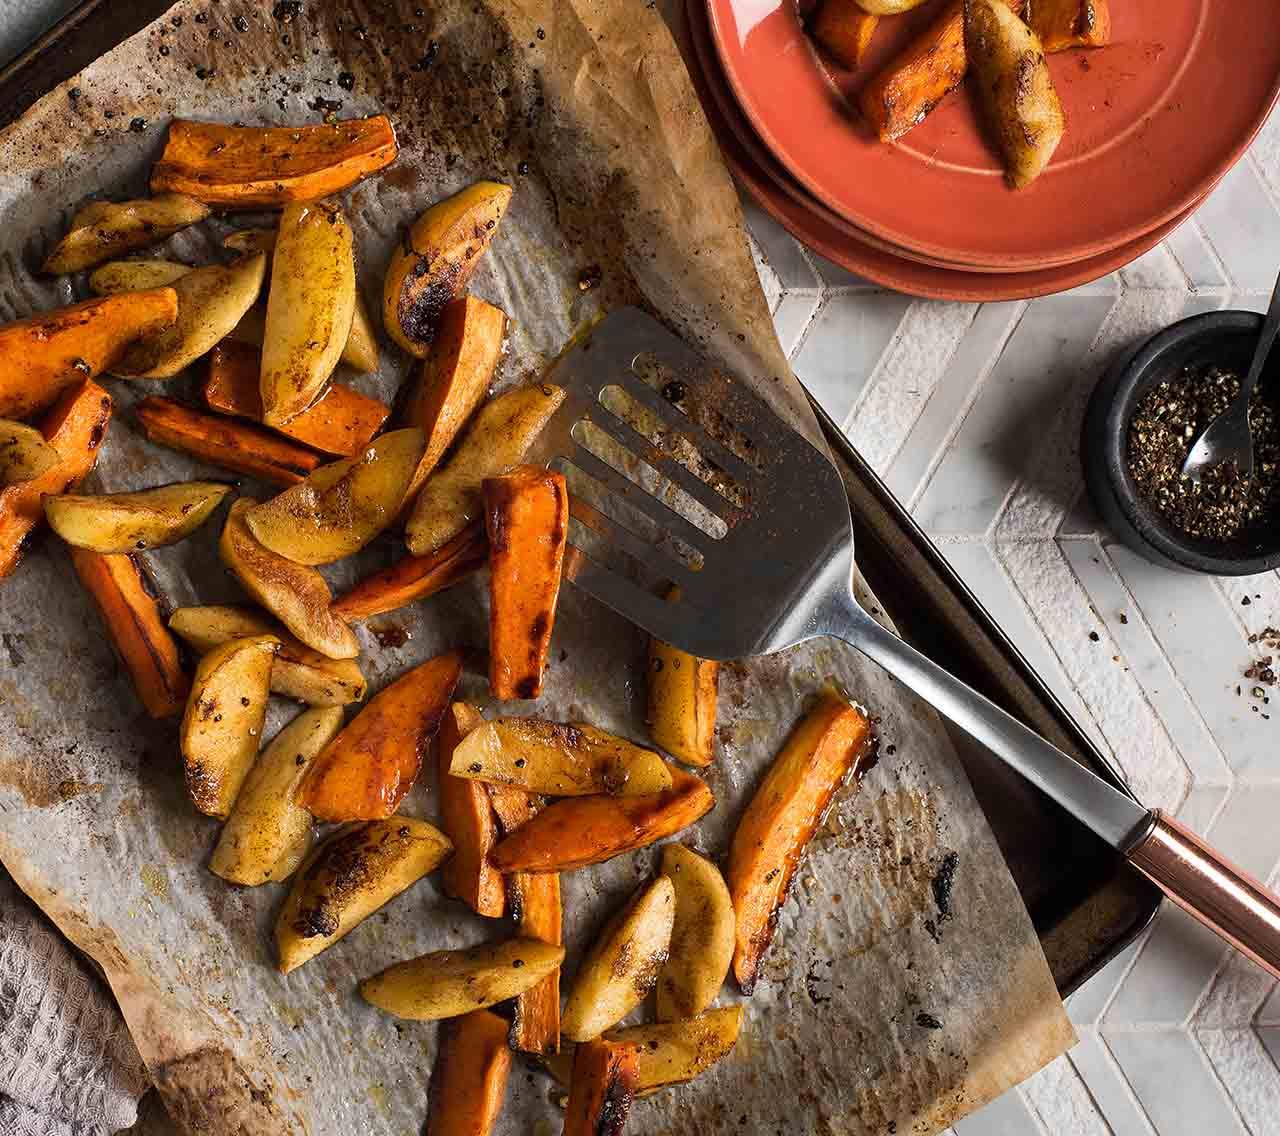 Cinnamon Roasted Sweet Potatoes & Apples